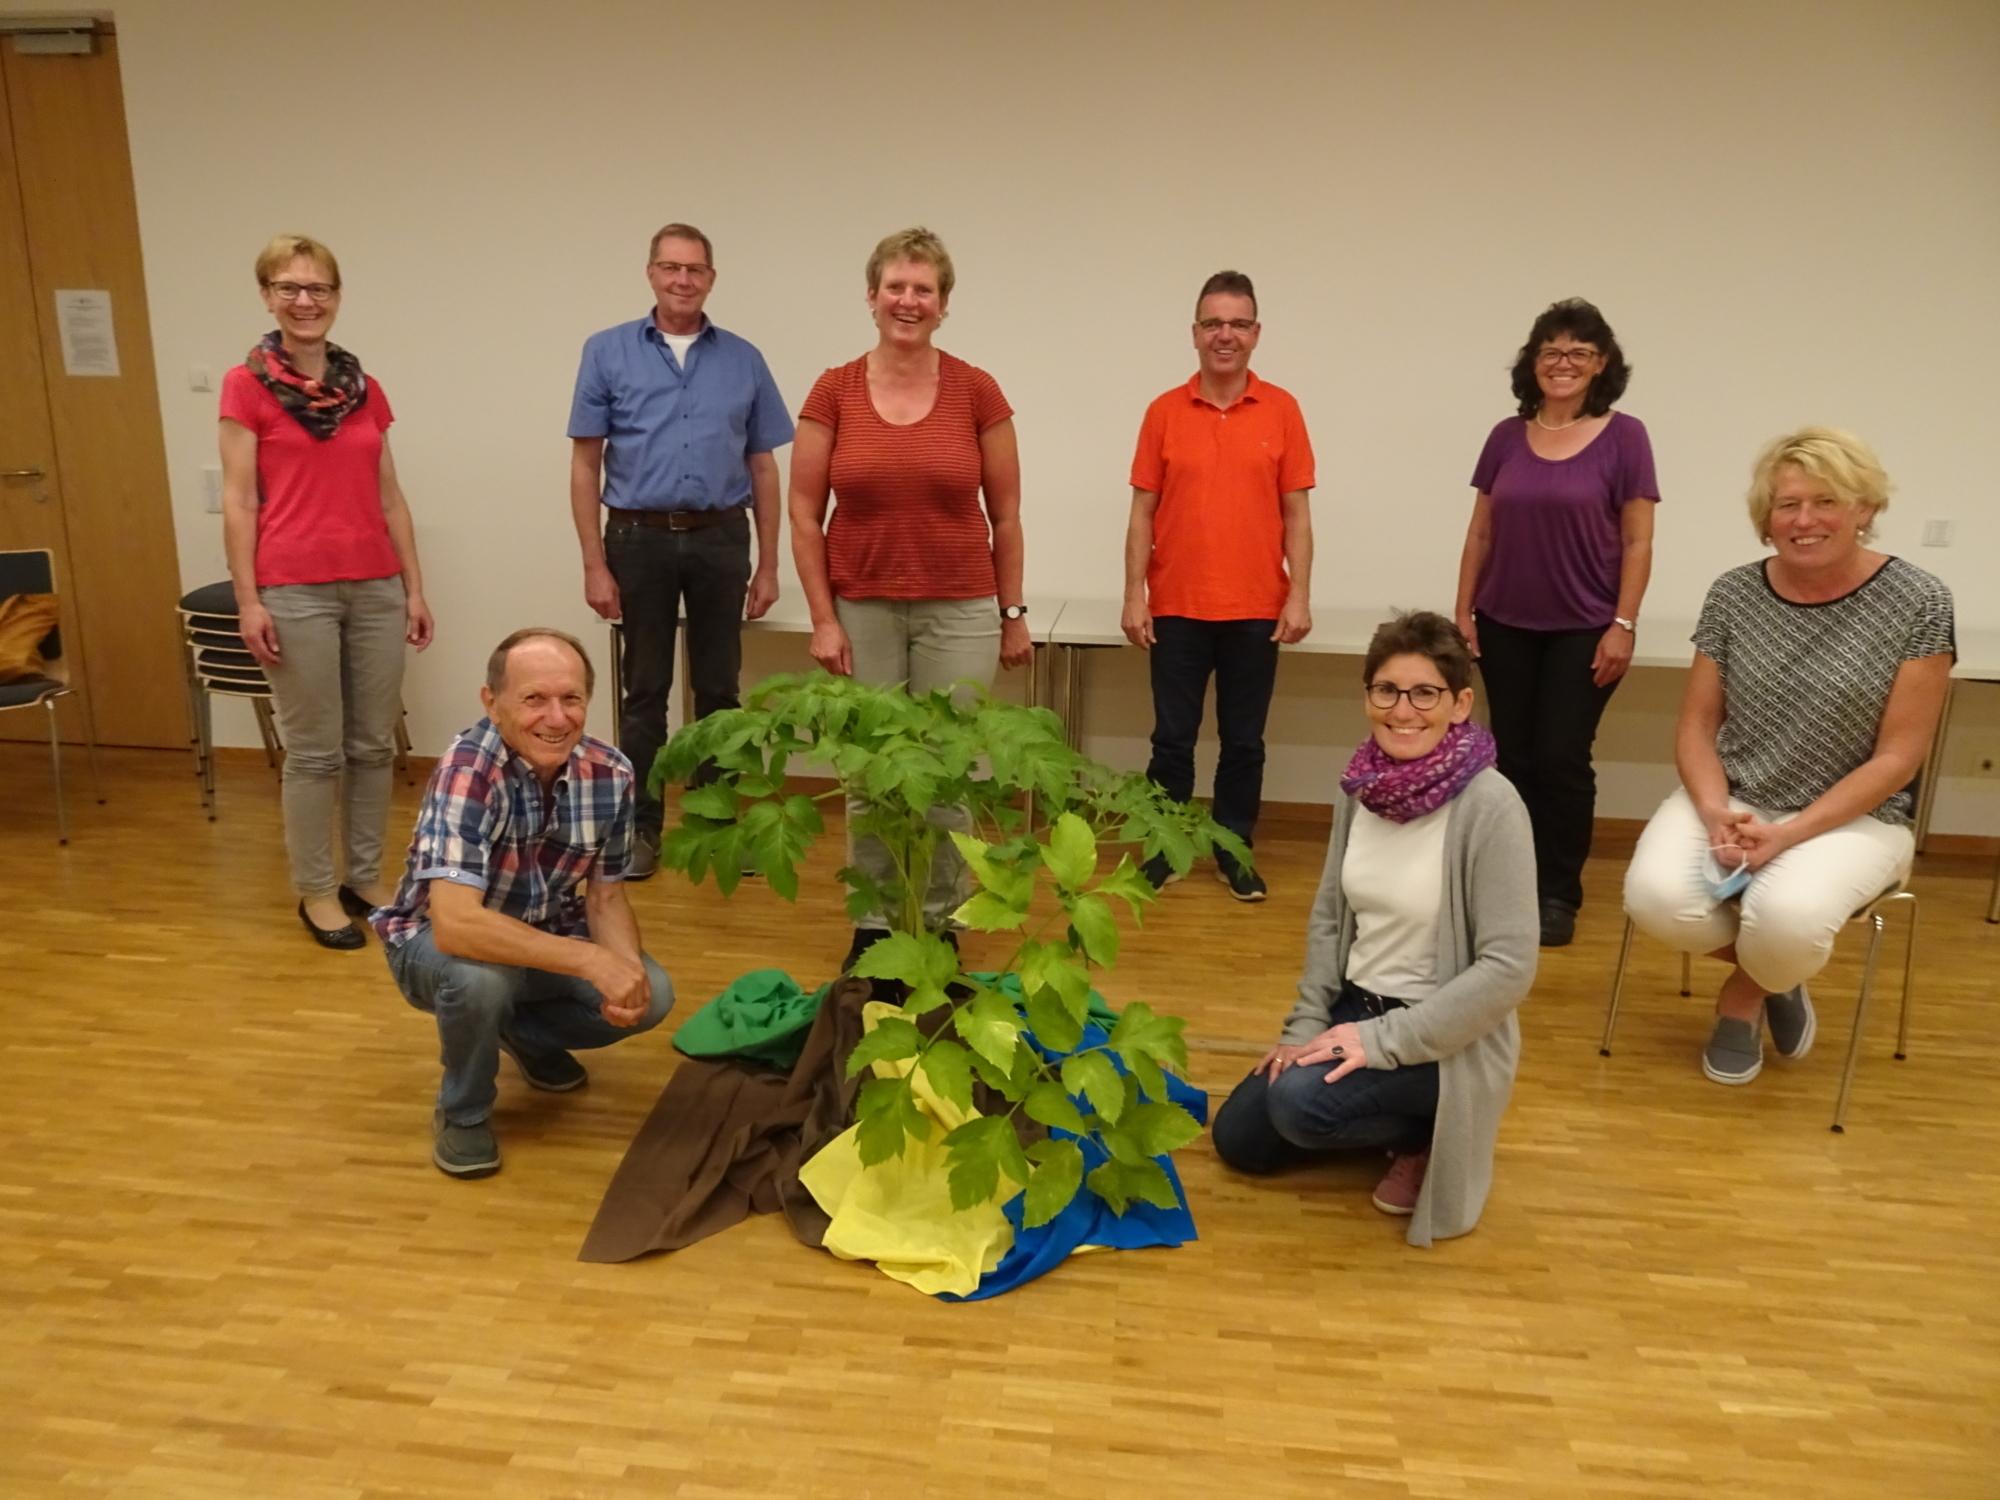 Gründungmitglieder Förderverein EINE WELT e V 11 09 2020